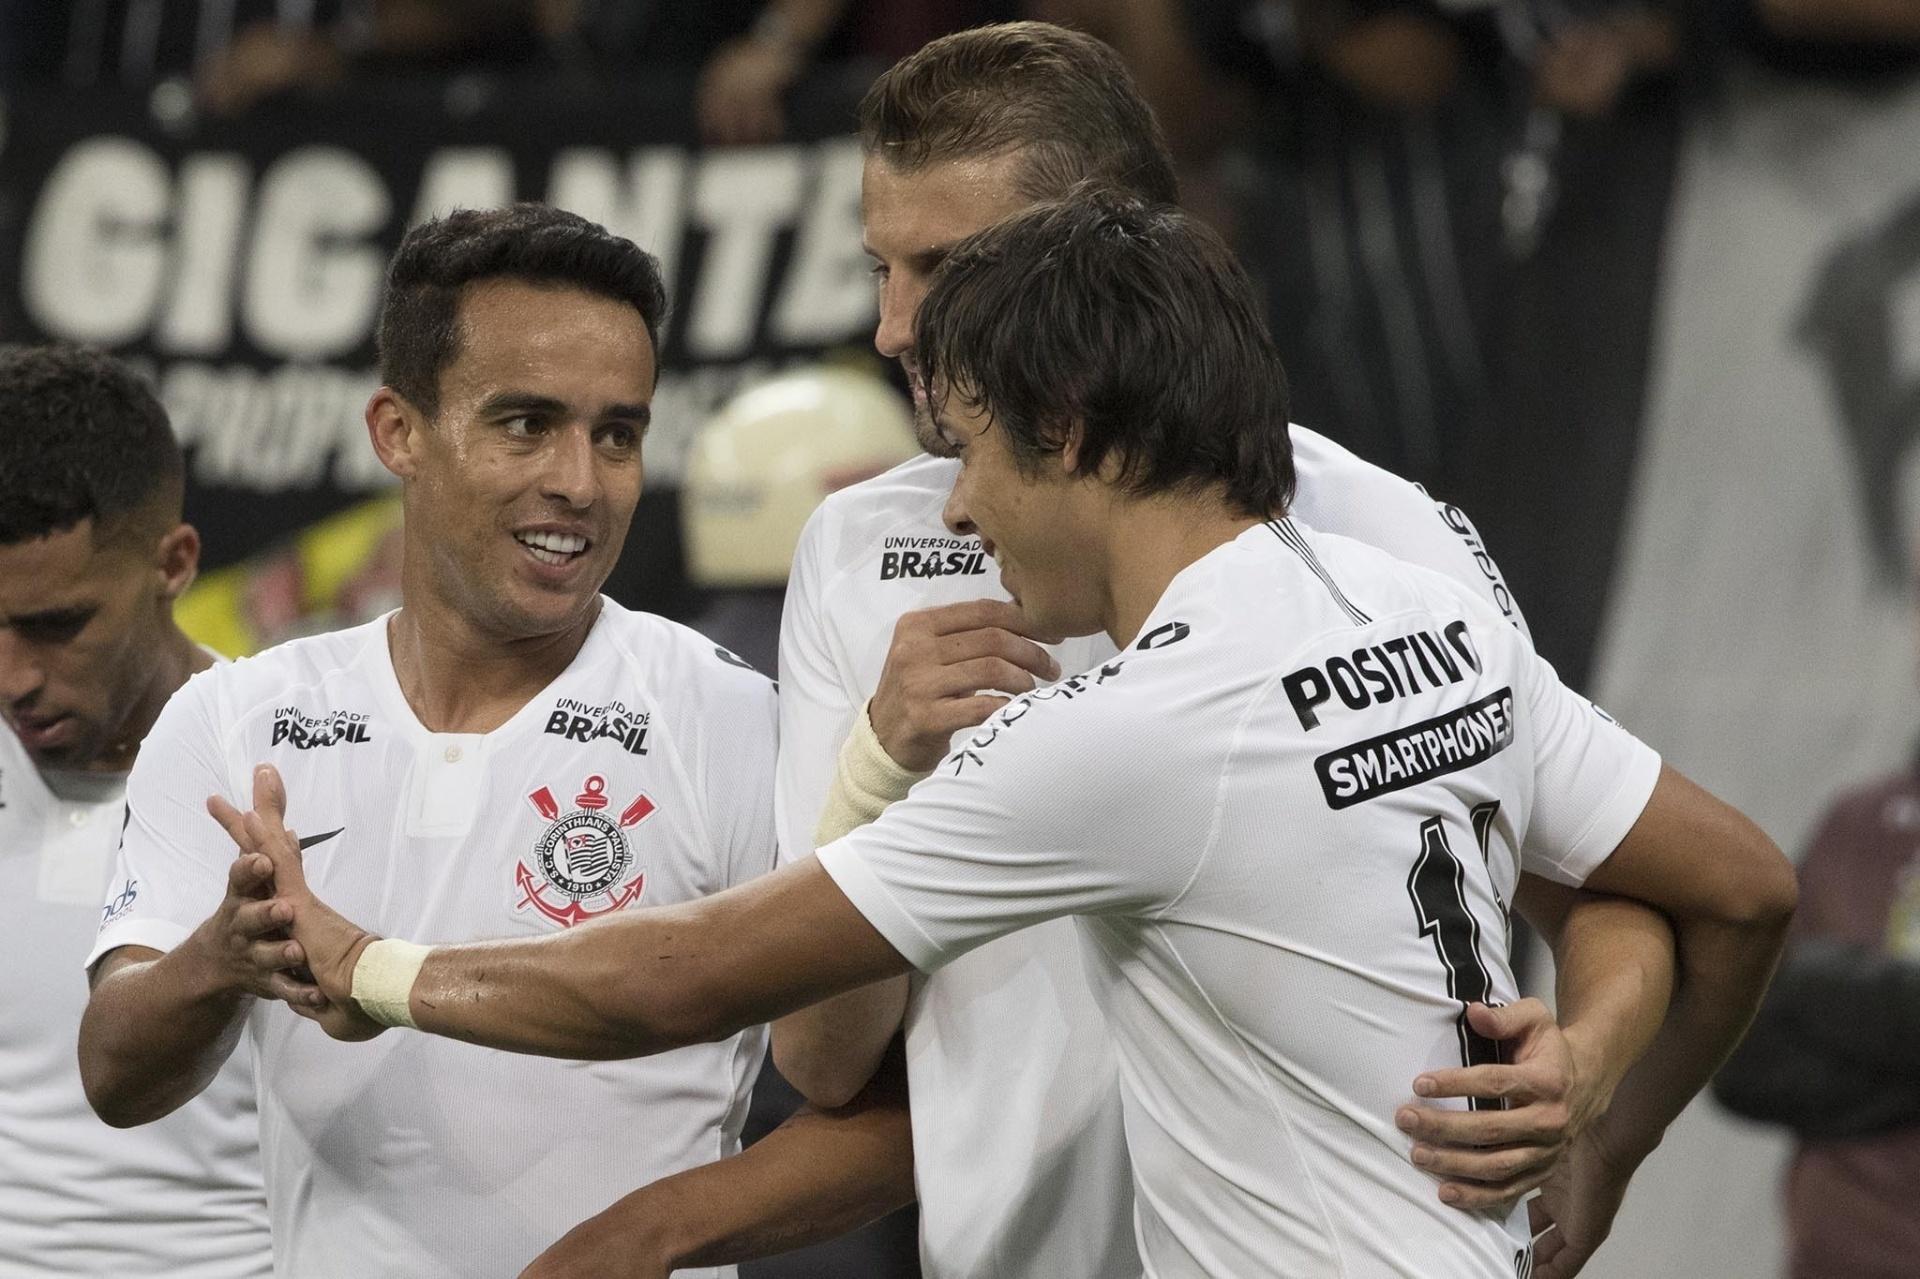 2b4d4c1a30 Corinthians bate Vitória com dois de Romero e vai às quartas da Copa do BR  - 10 05 2018 - UOL Esporte